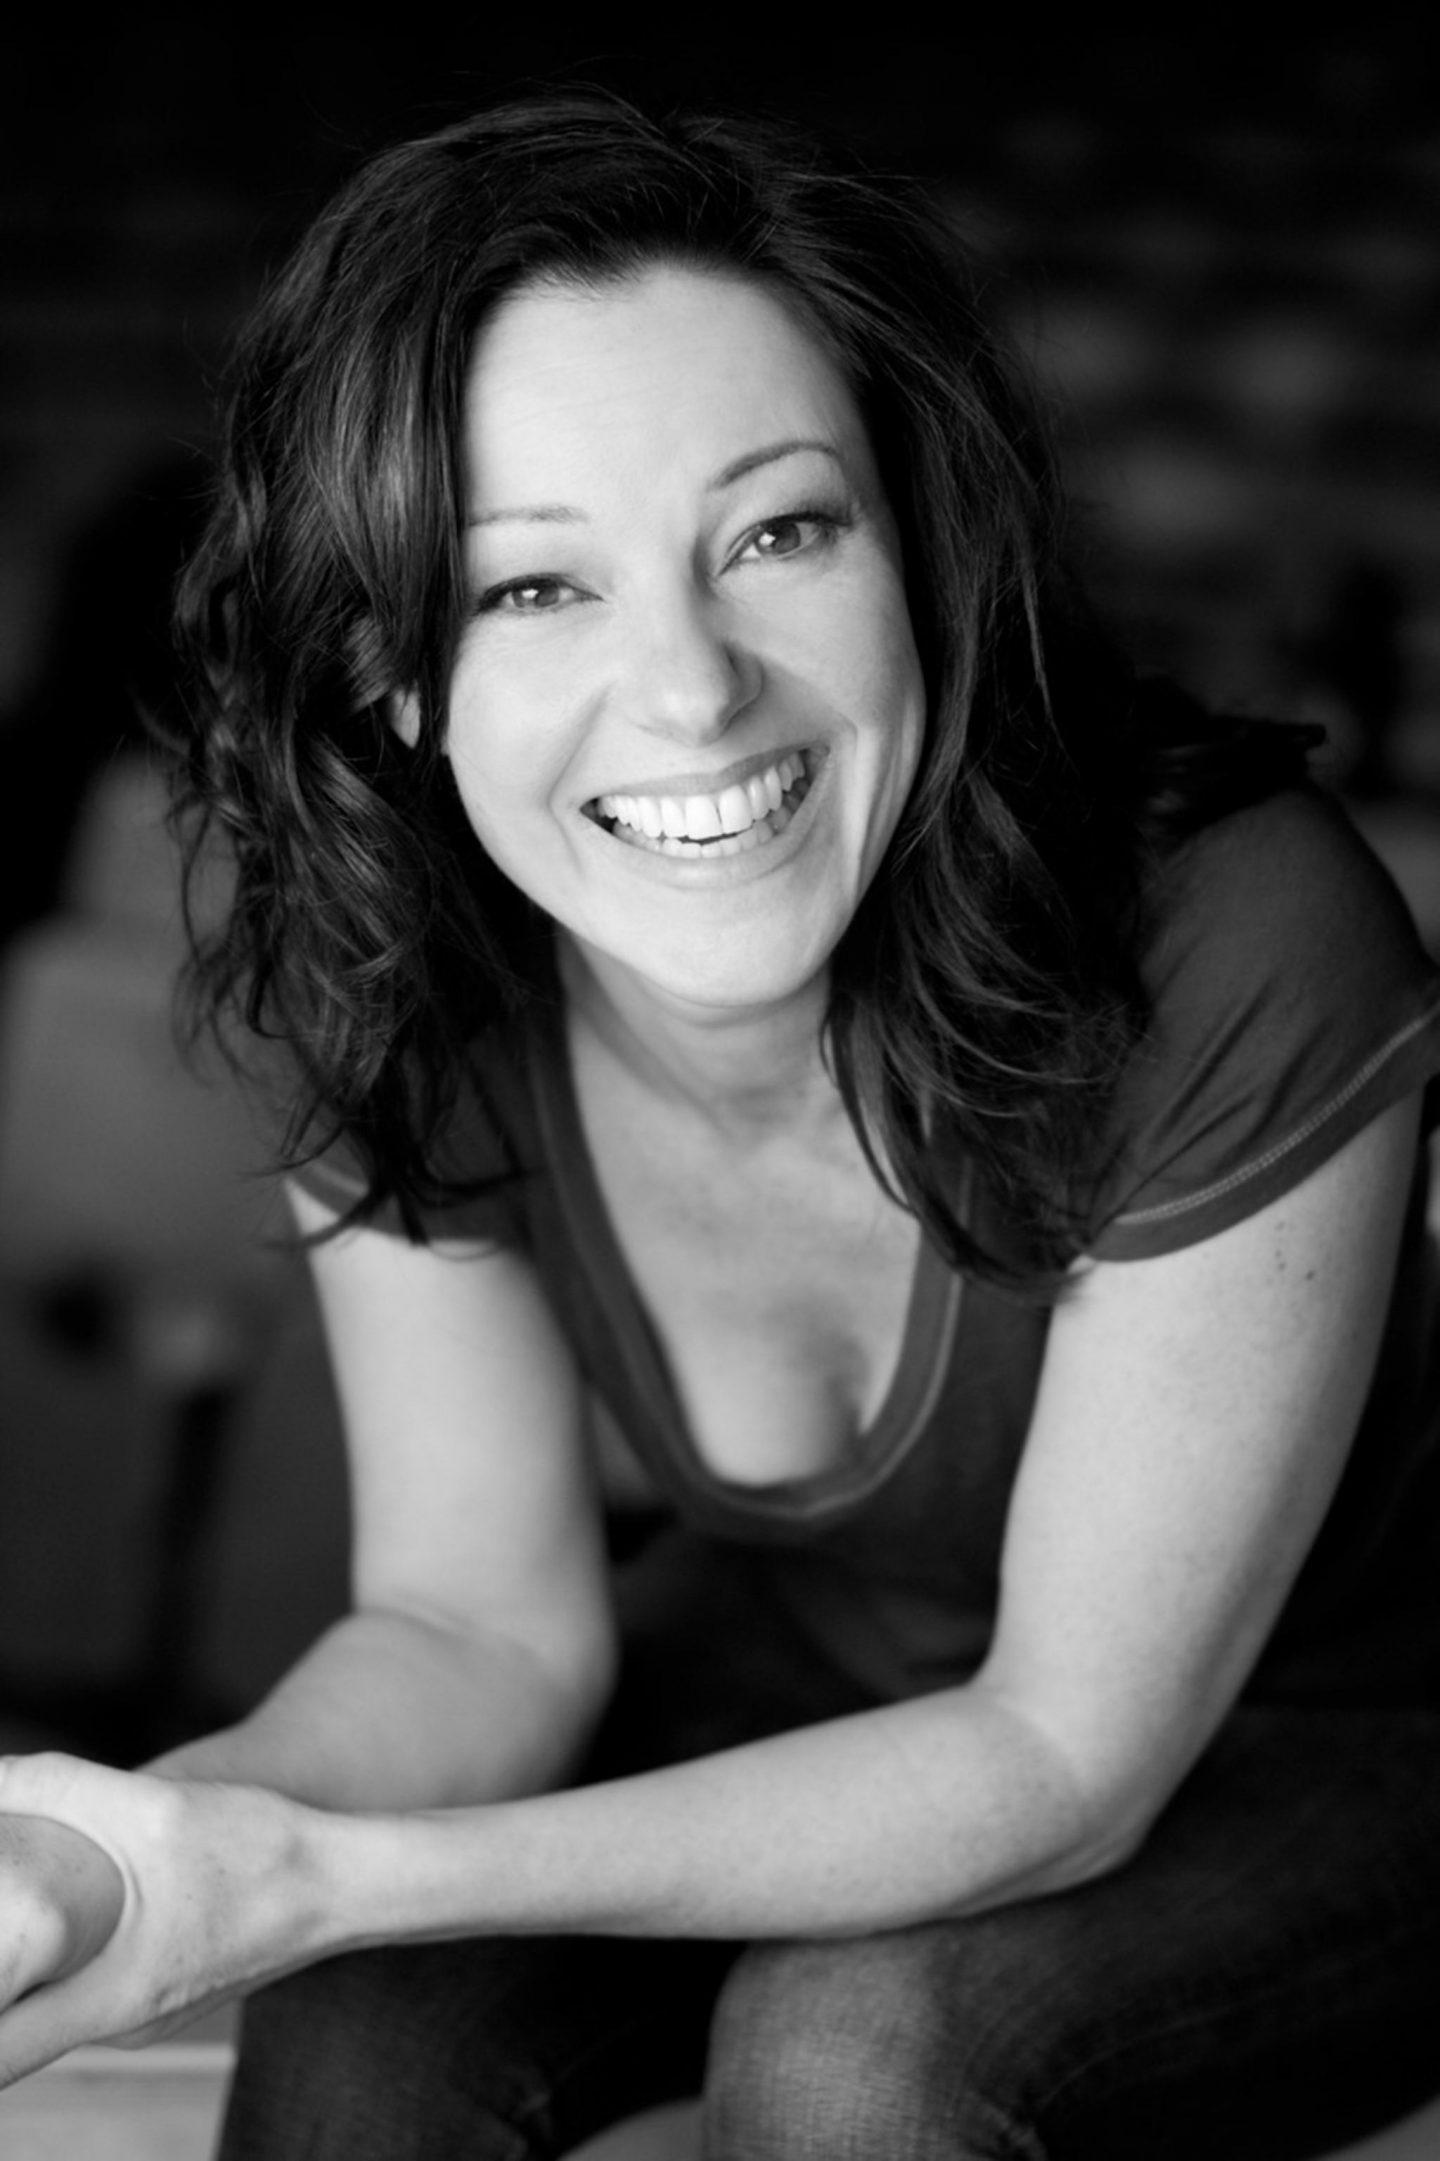 Ruthie Henshall - Image 1